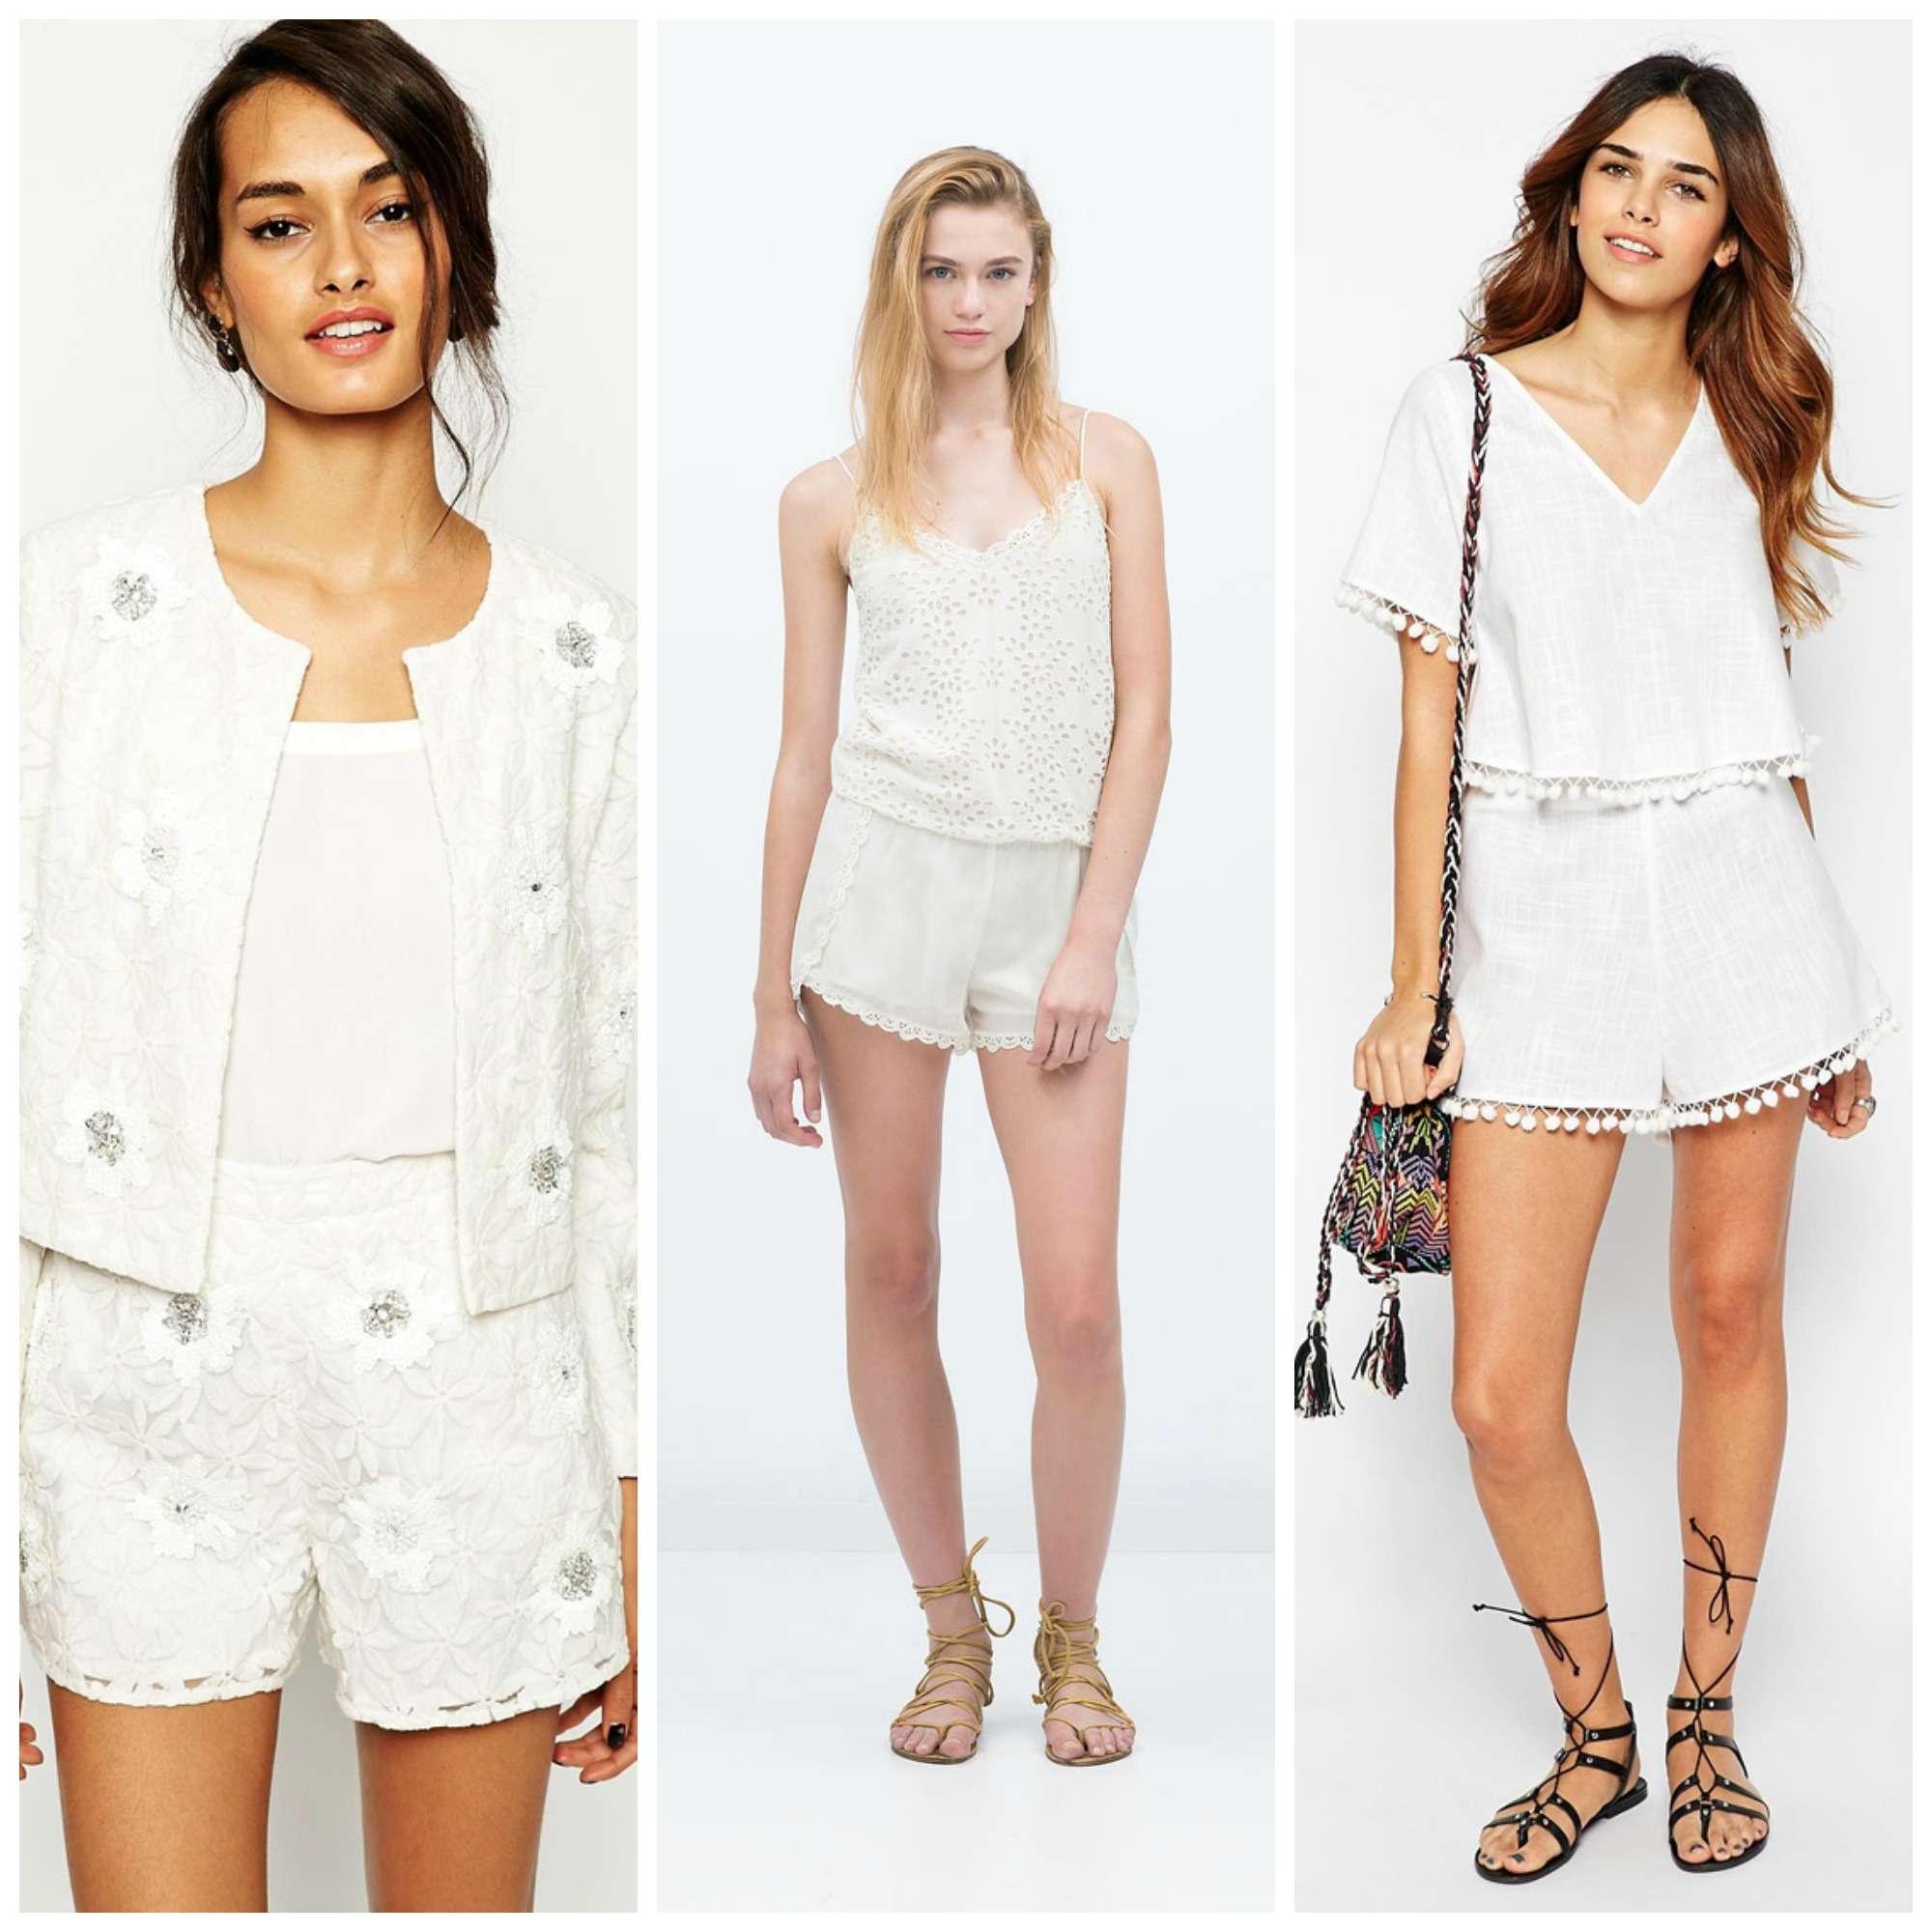 por qué elegir un look total white